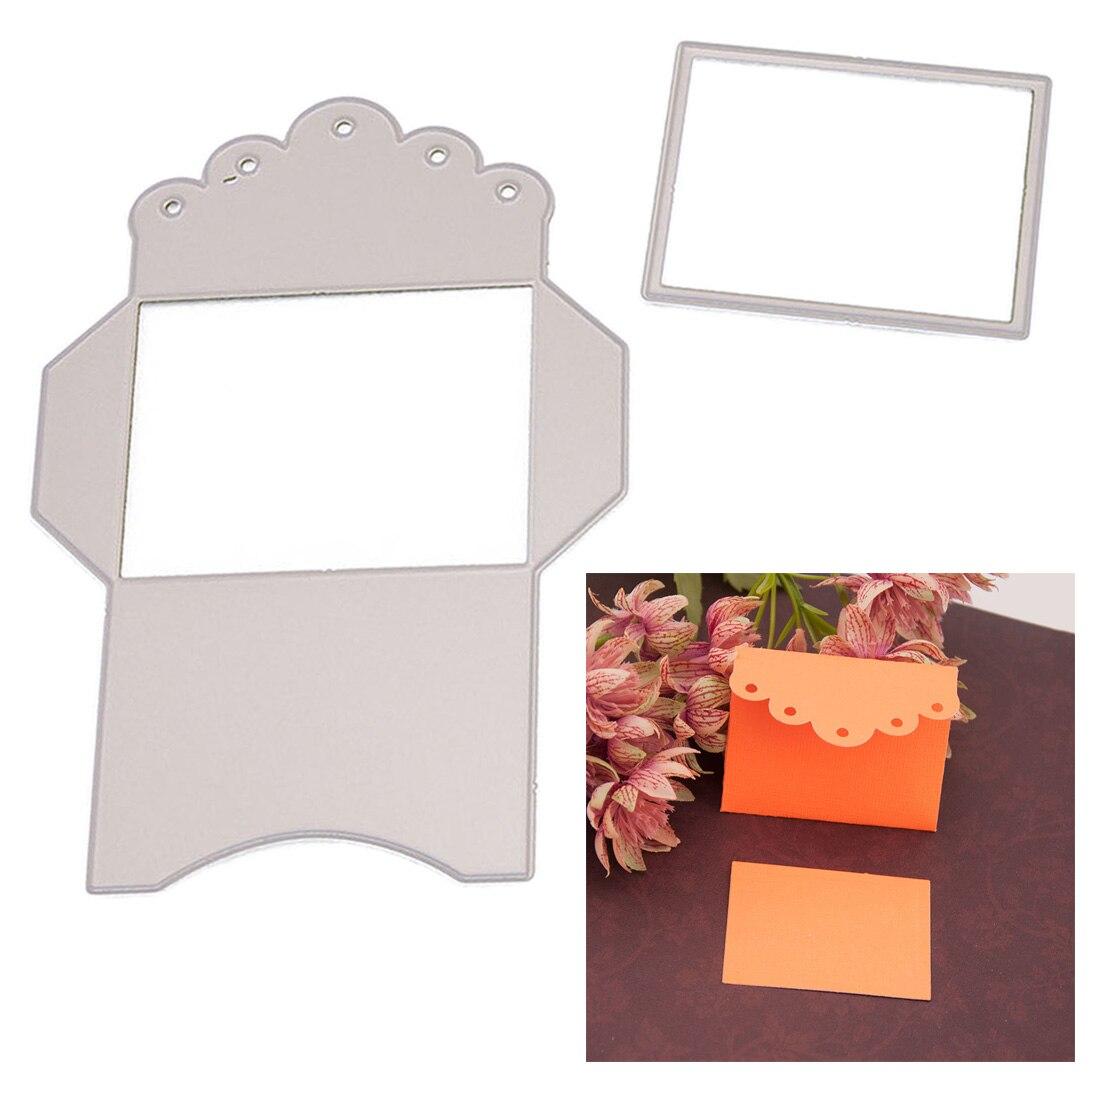 DIY troqueles troquelados de Metal de sobre Pop up para álbum de recortes papel gofrado confección de tarjetas suministros decorativos para manualidades